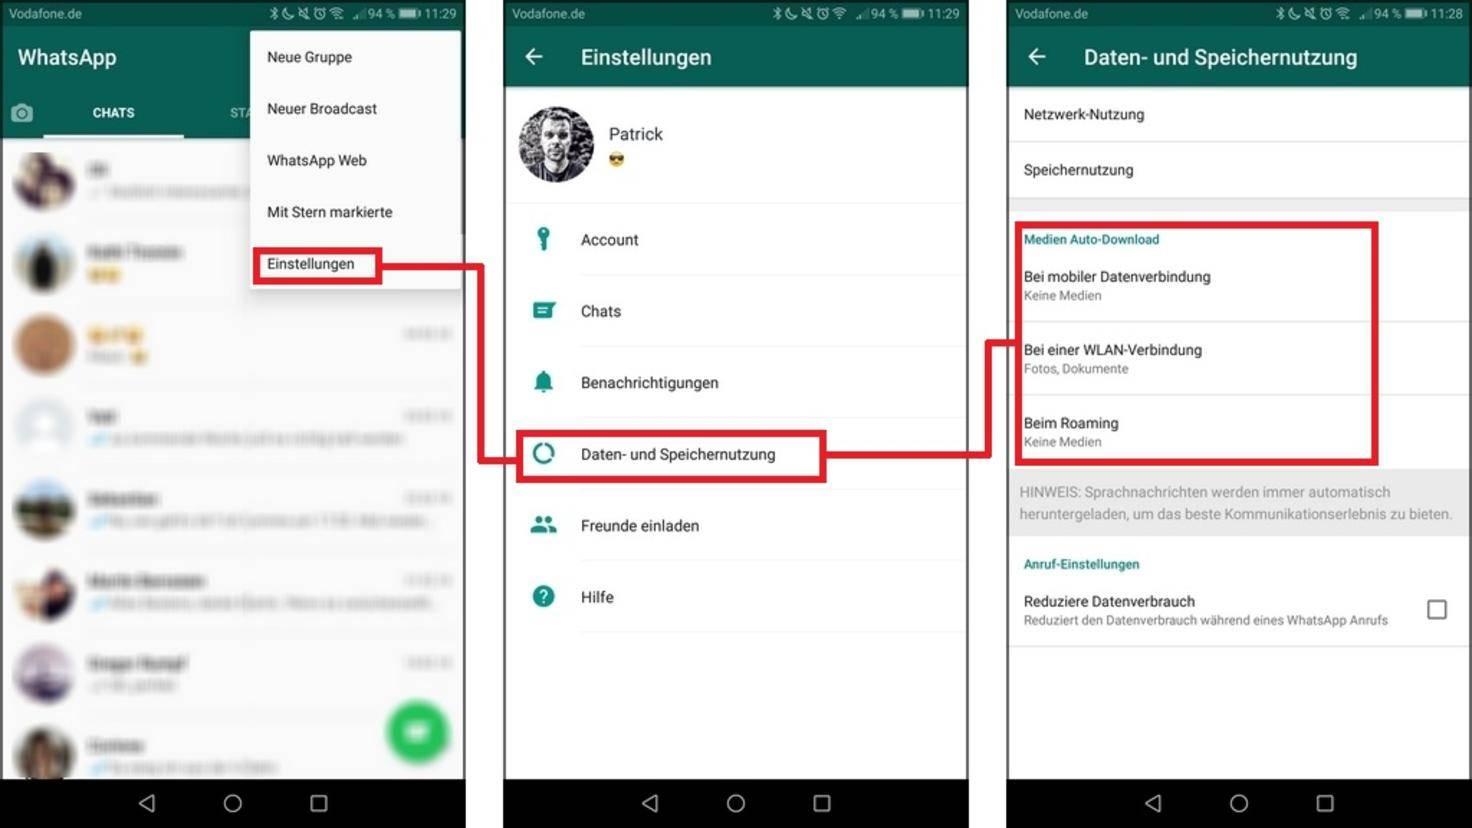 whatsapp bilder auf sd karte speichern WhatsApp Bilder auf SD Karte speichern: So geht's